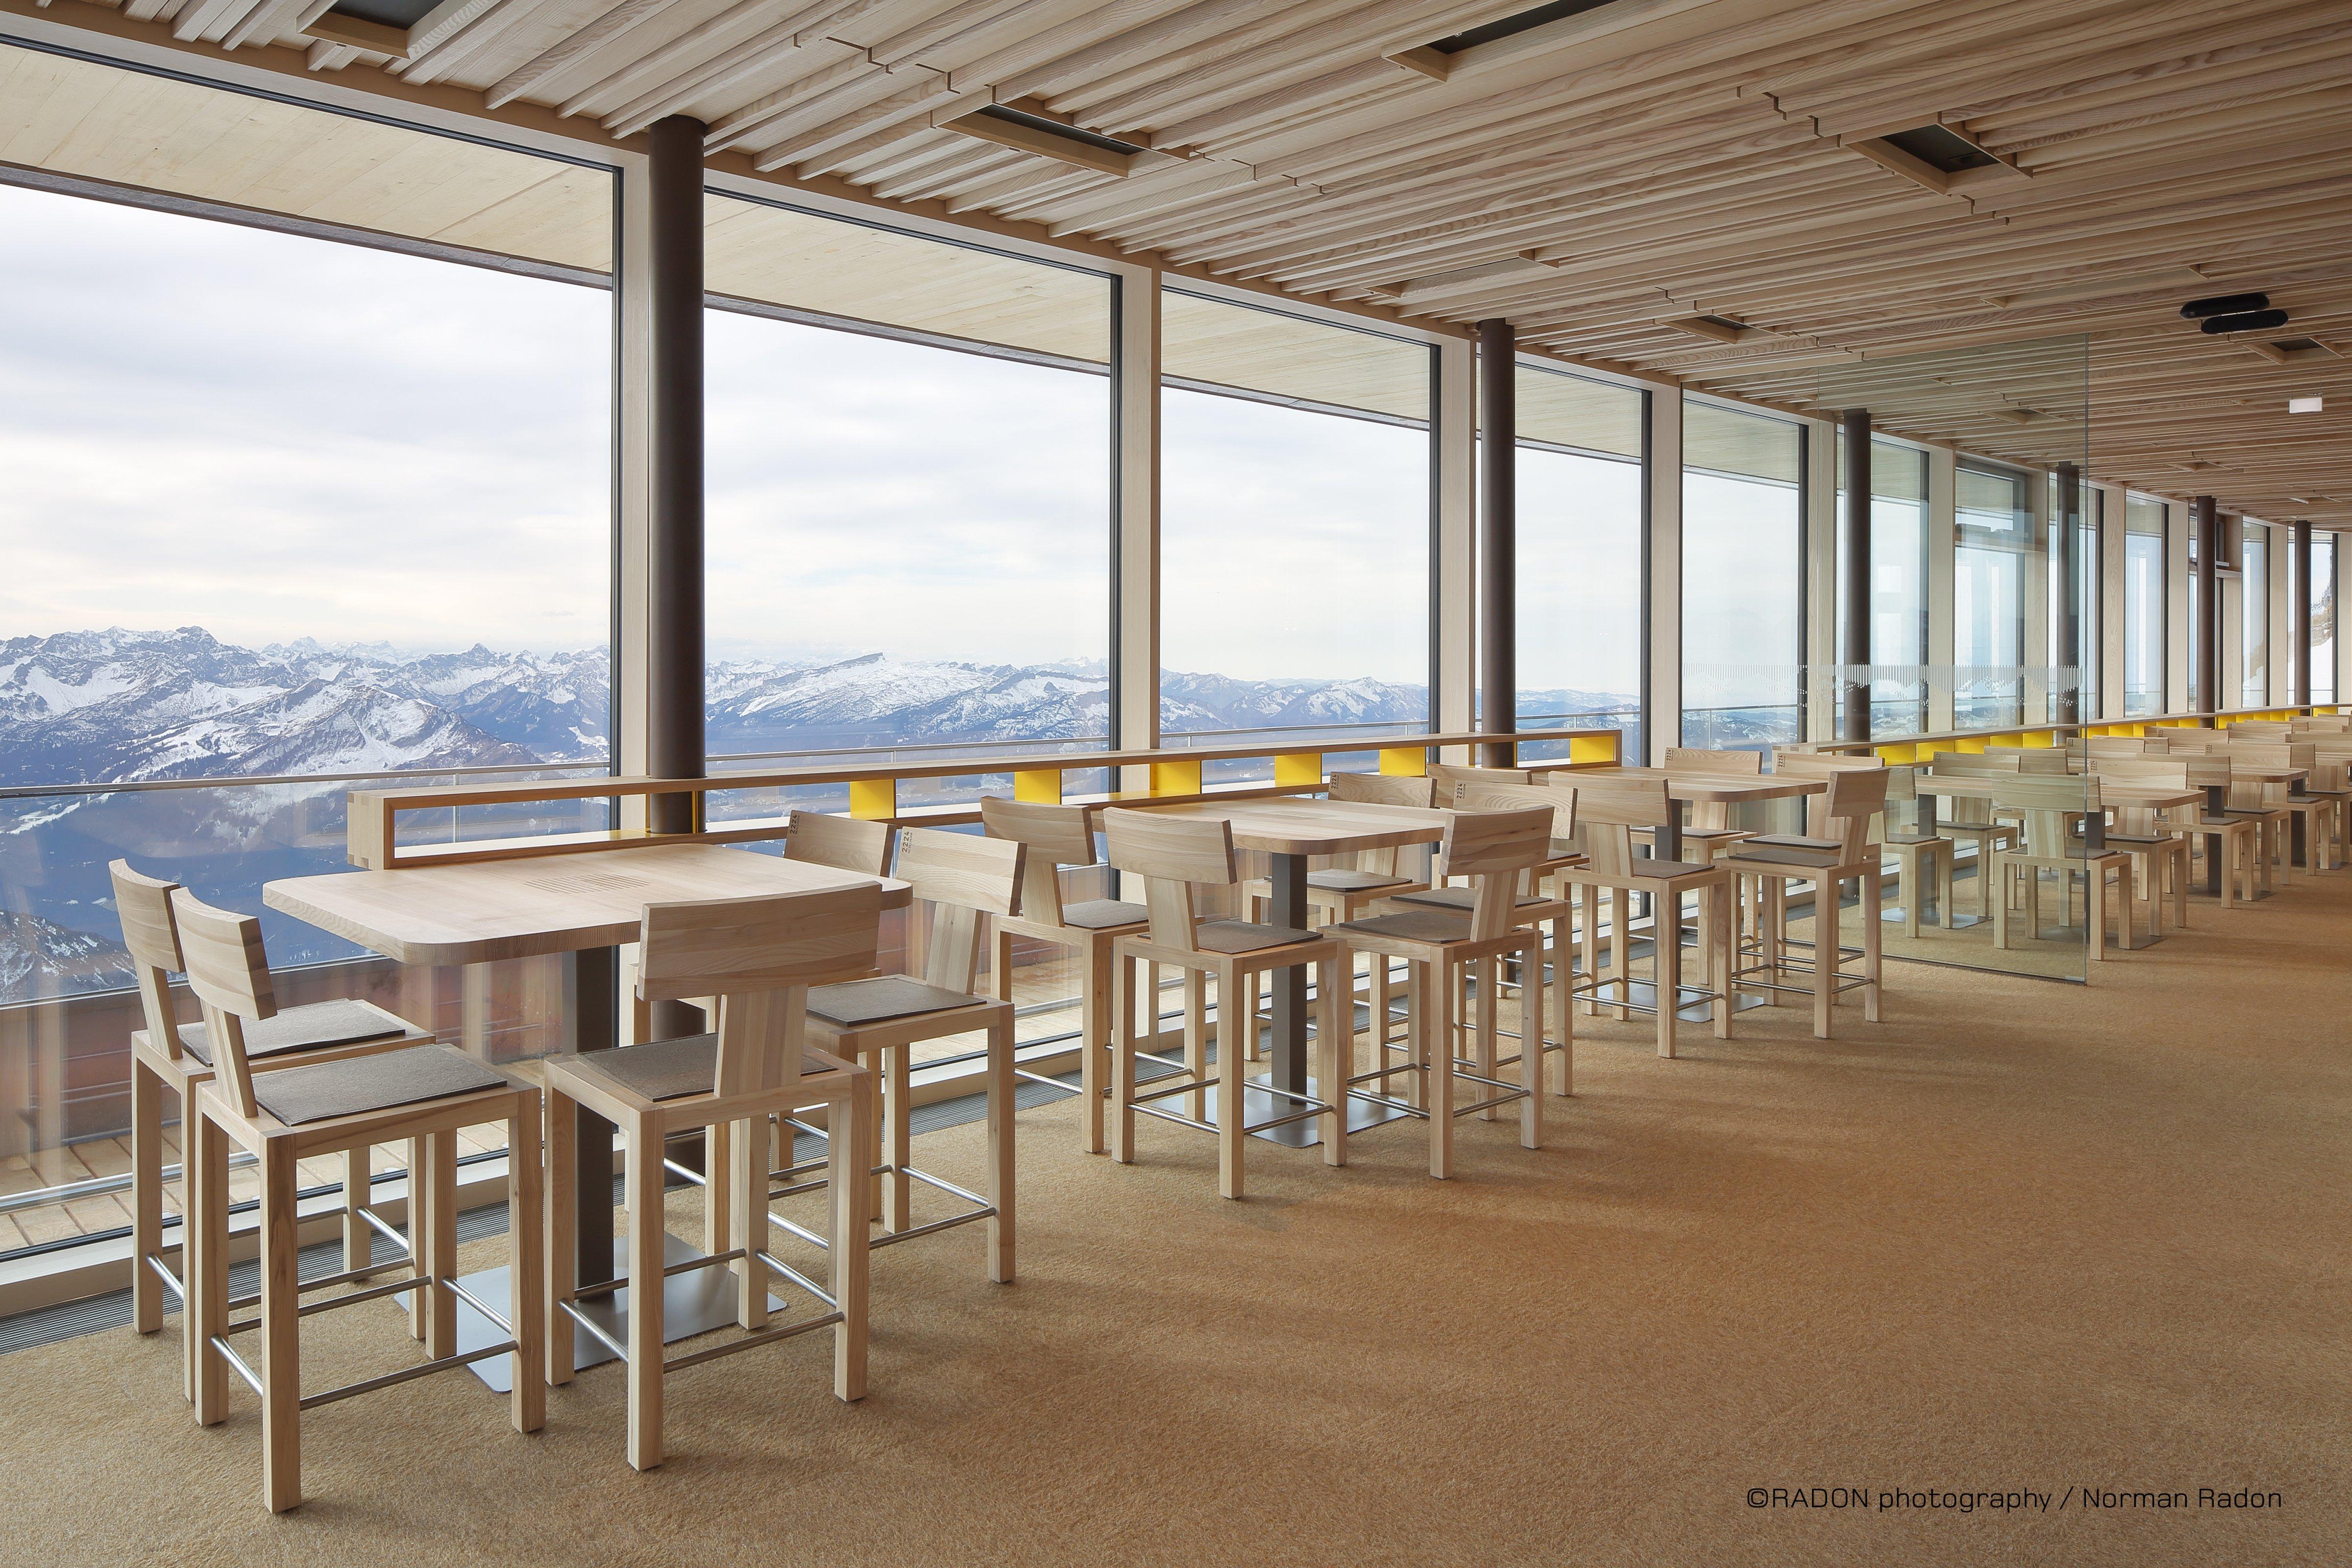 Längle Hagspiel Bringt Edles Tischlerhandwerk Auf Den Gipfel Pzwei